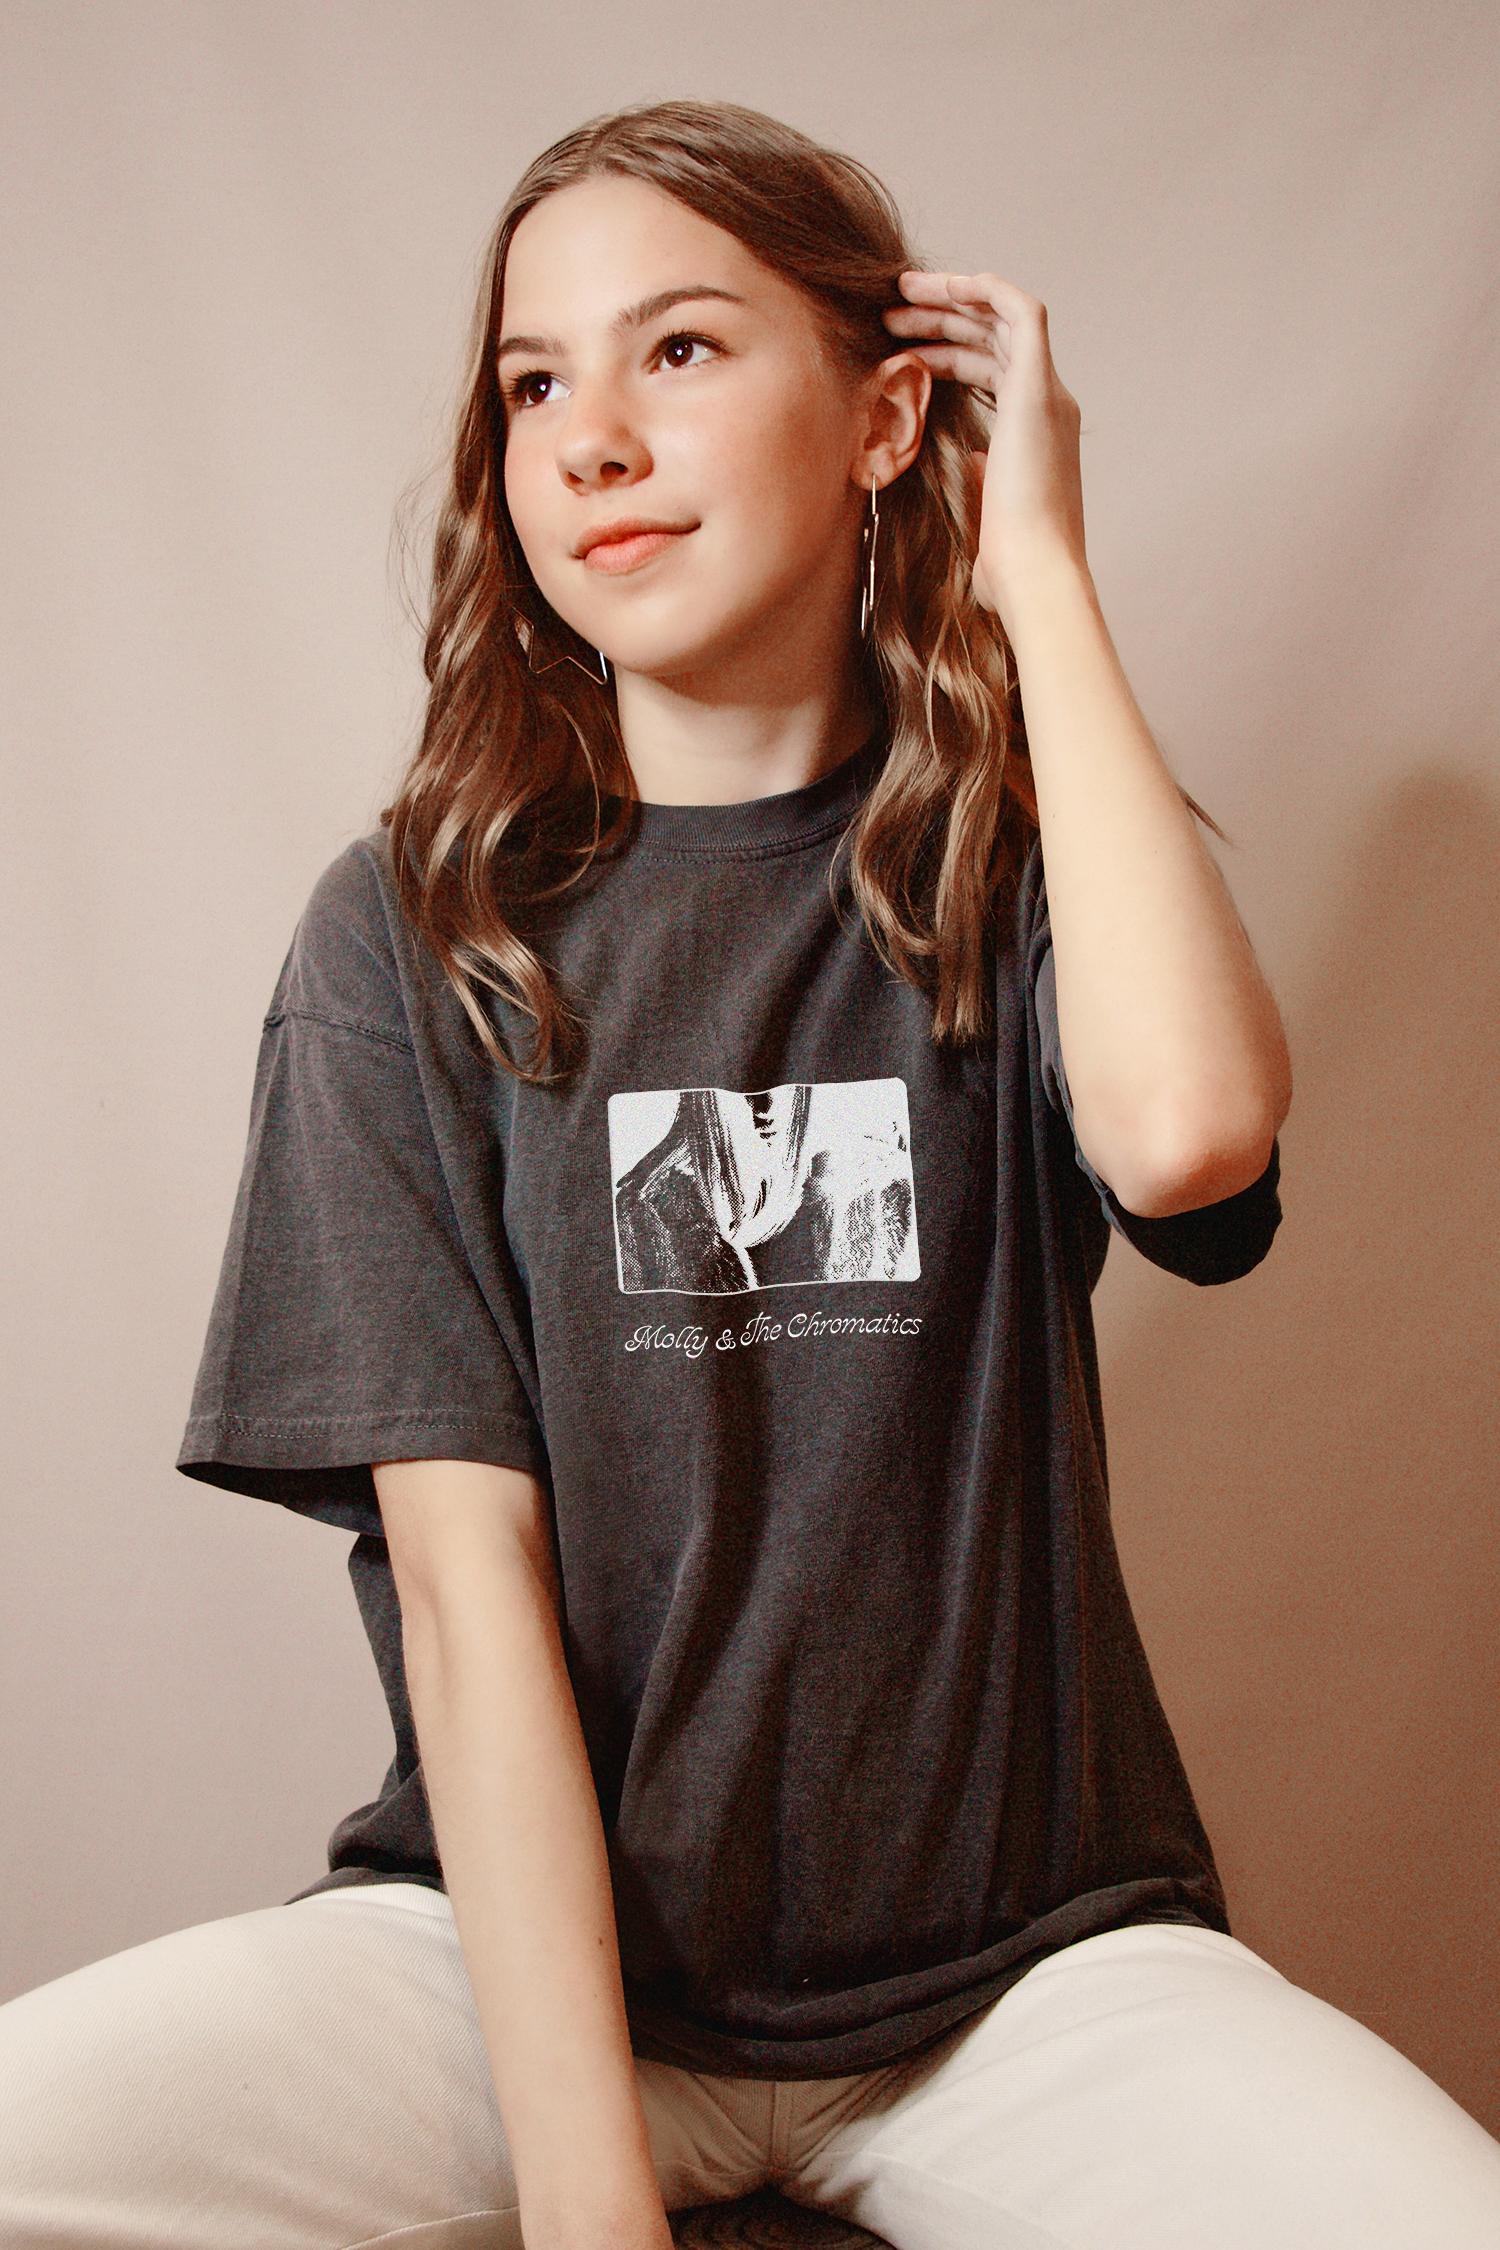 Tshirt-Mockup_MC_01